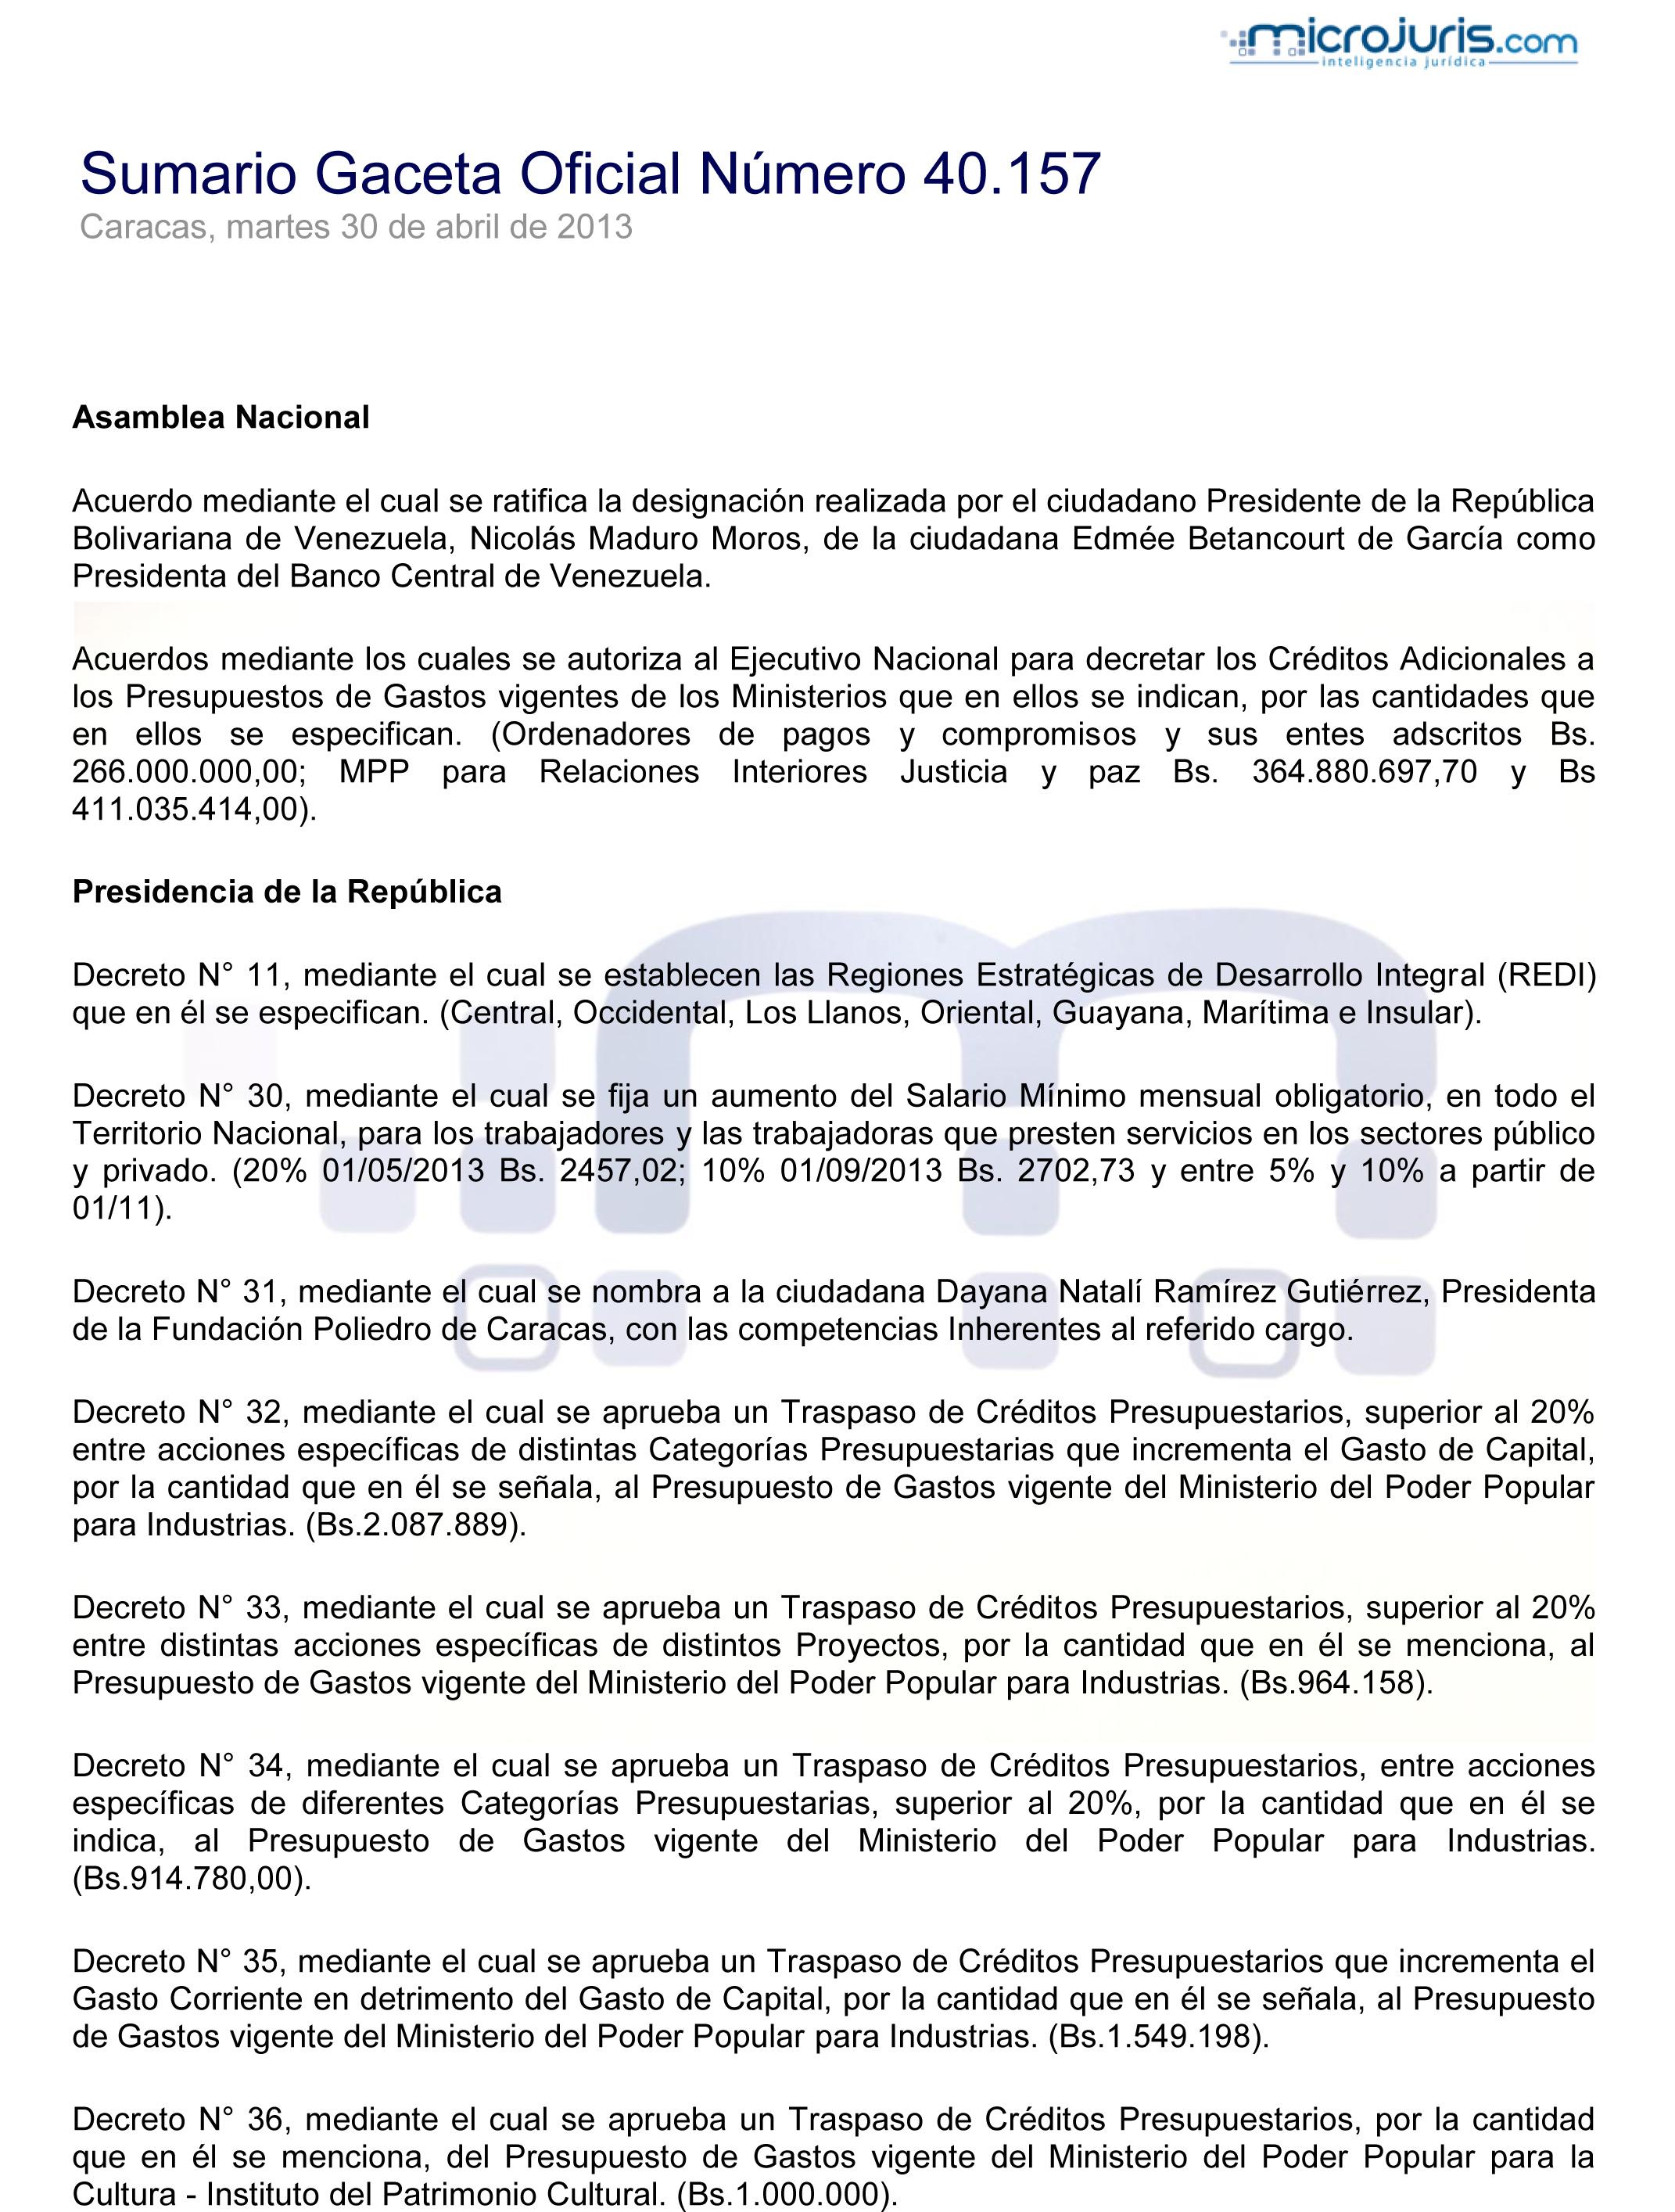 Image search: En Gaceta Oficial Aumento del Salario Mínimo